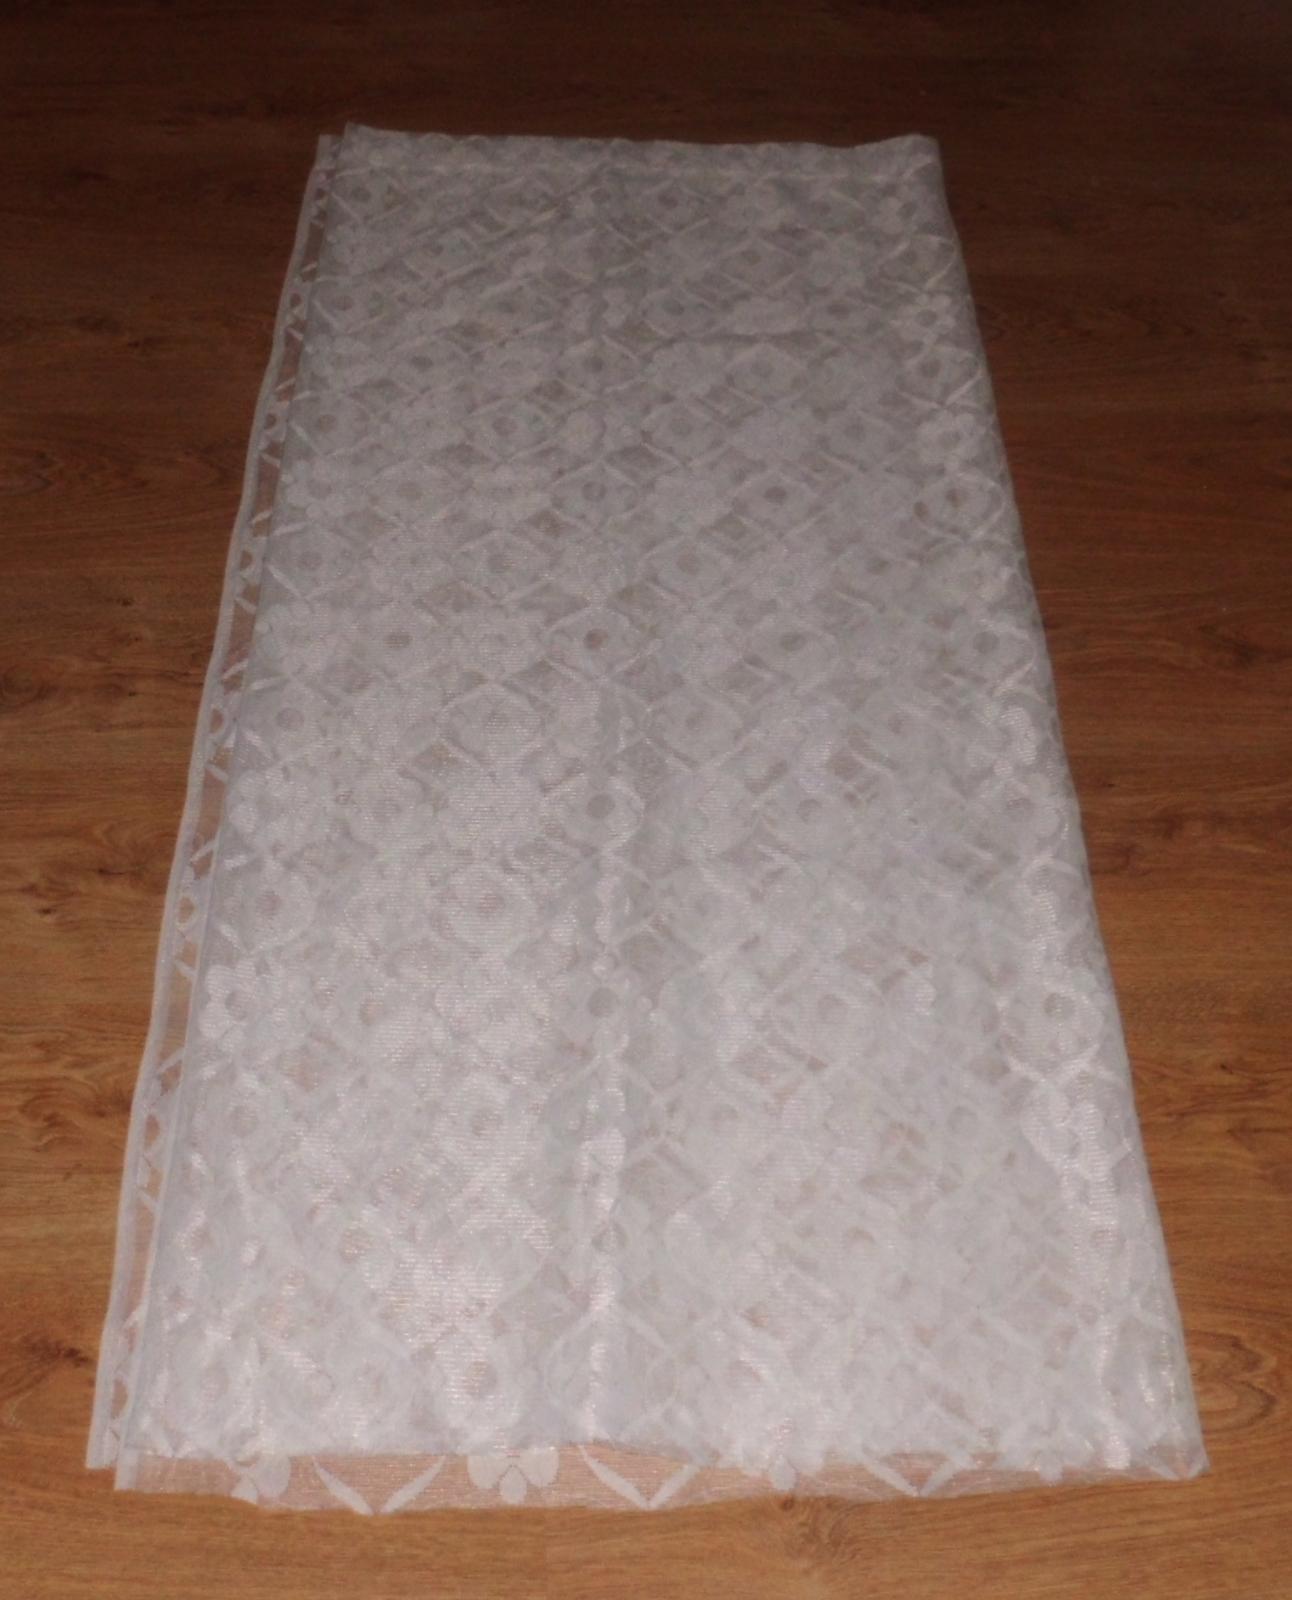 záclona s kytkami š 2,45cm x d 1,30cm  - Obrázek č. 1